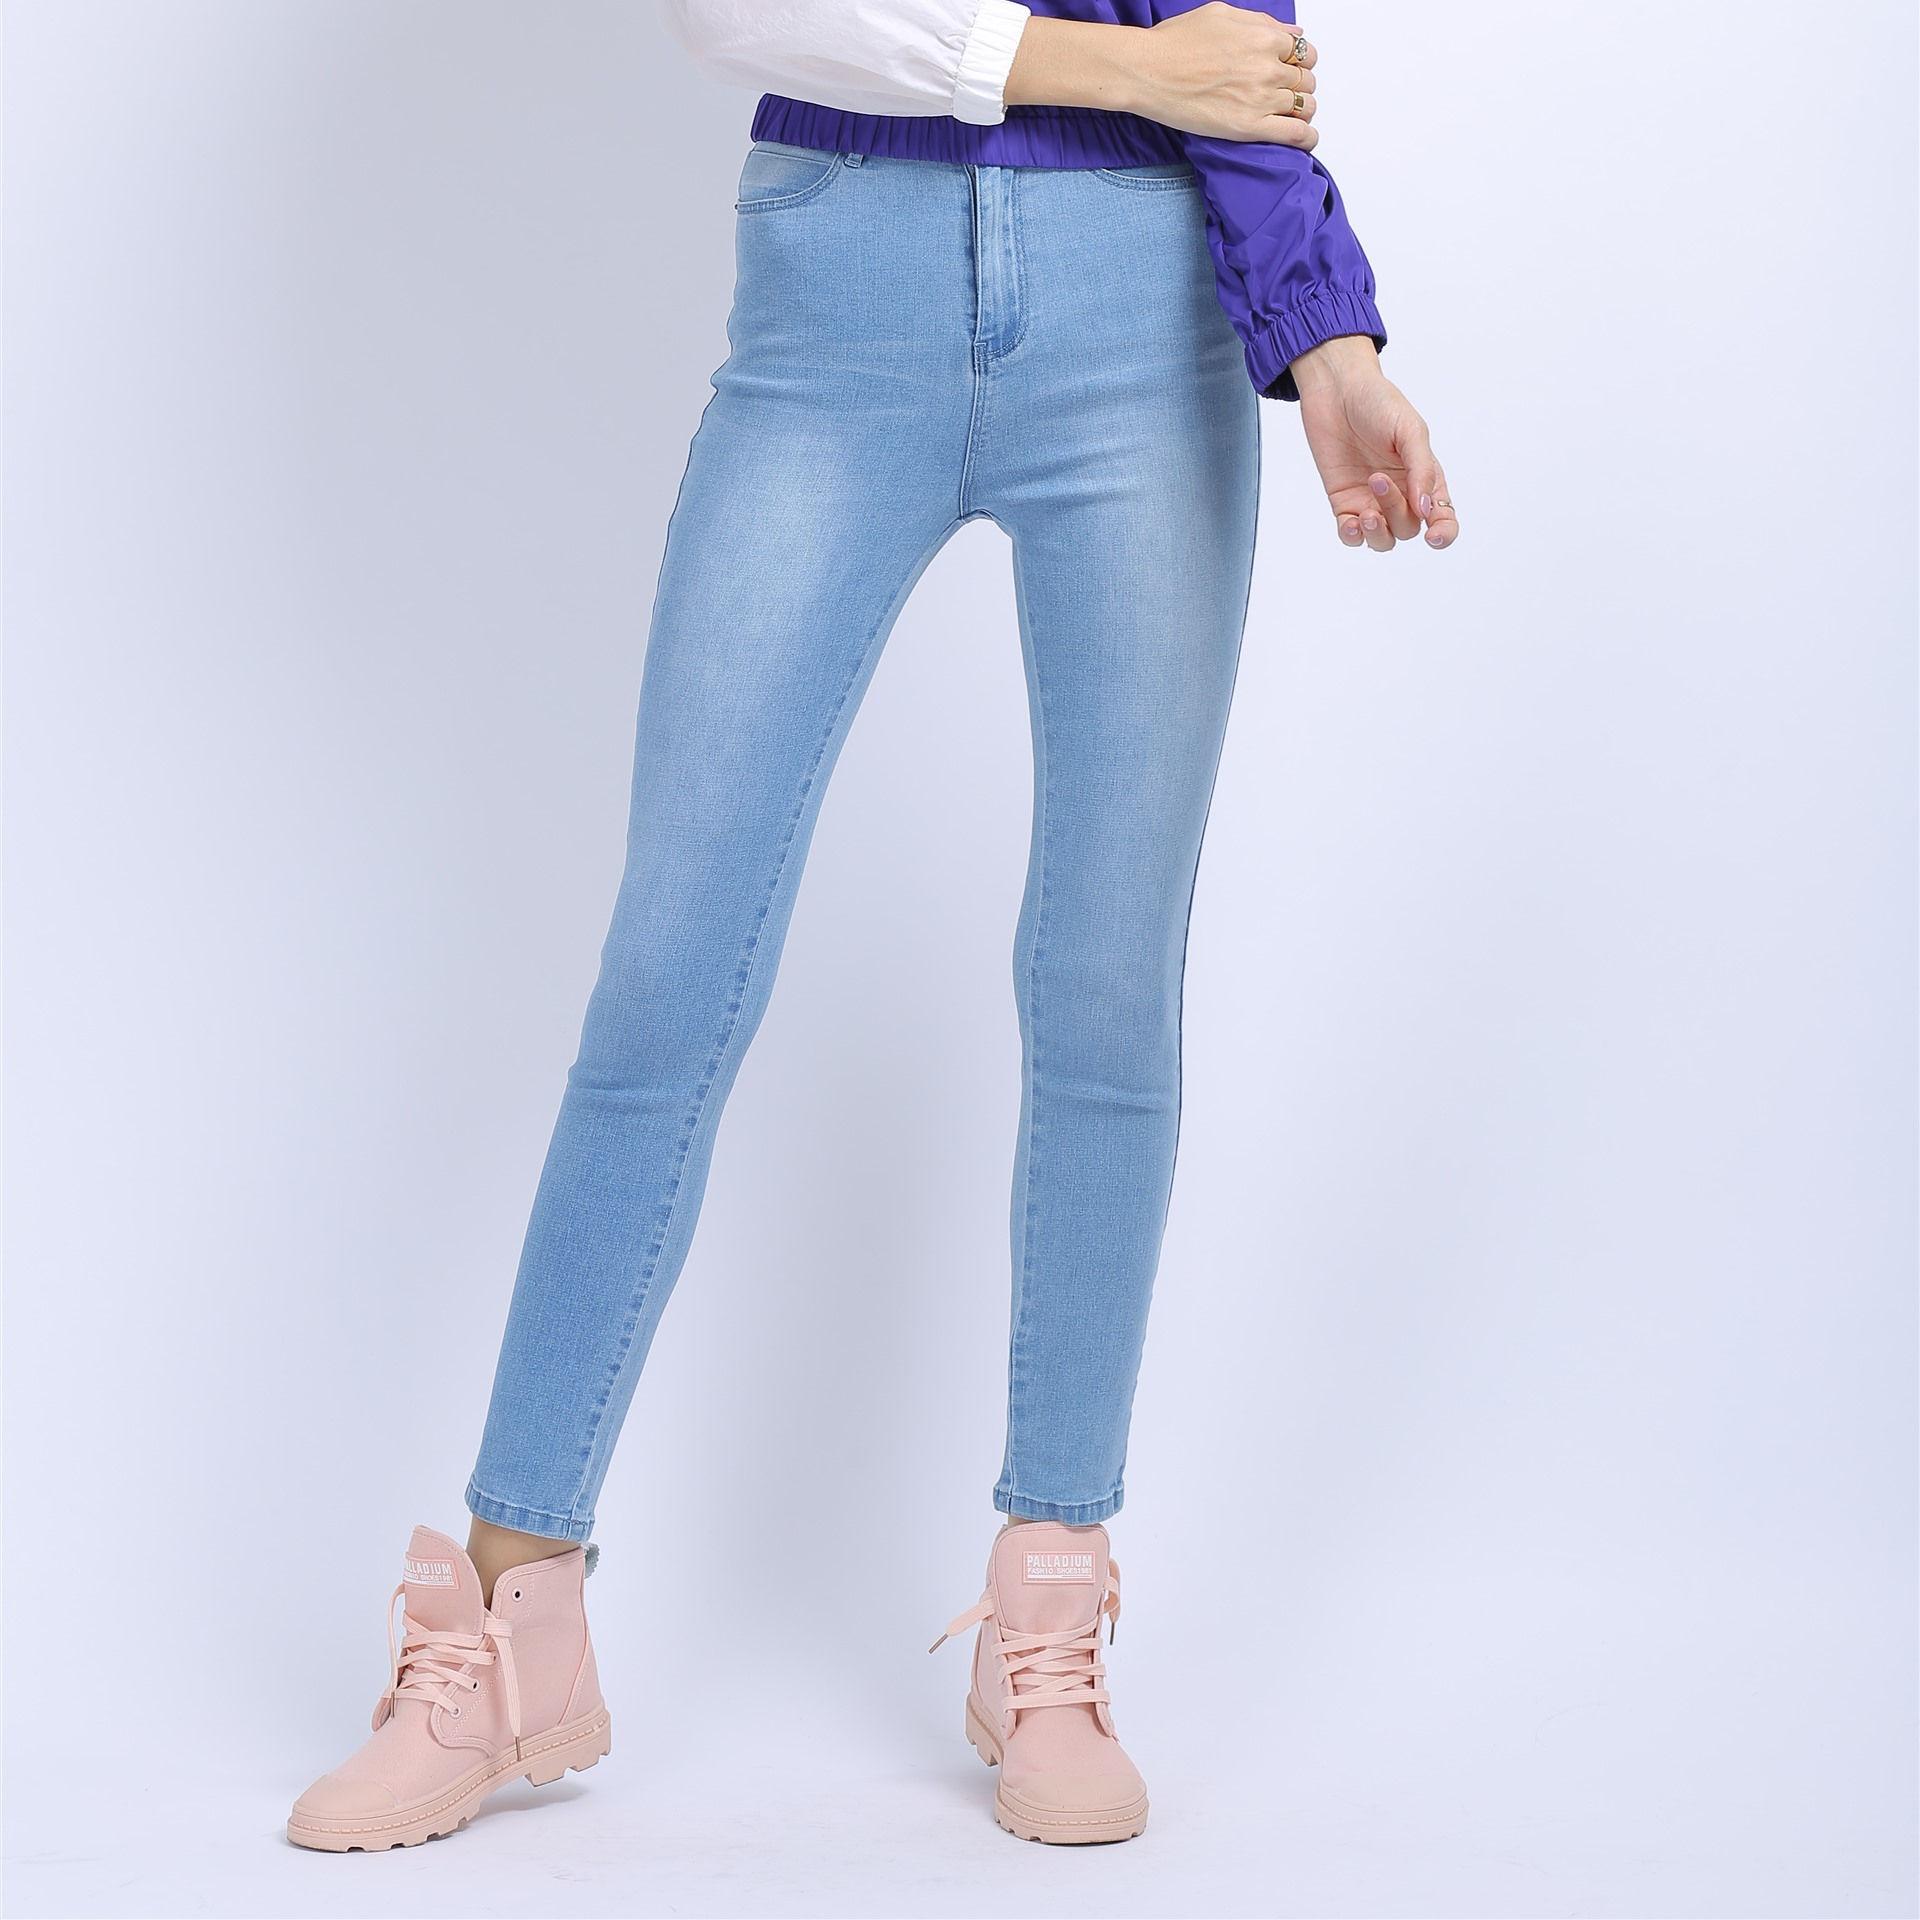 Картинки про джинсовые брюки для